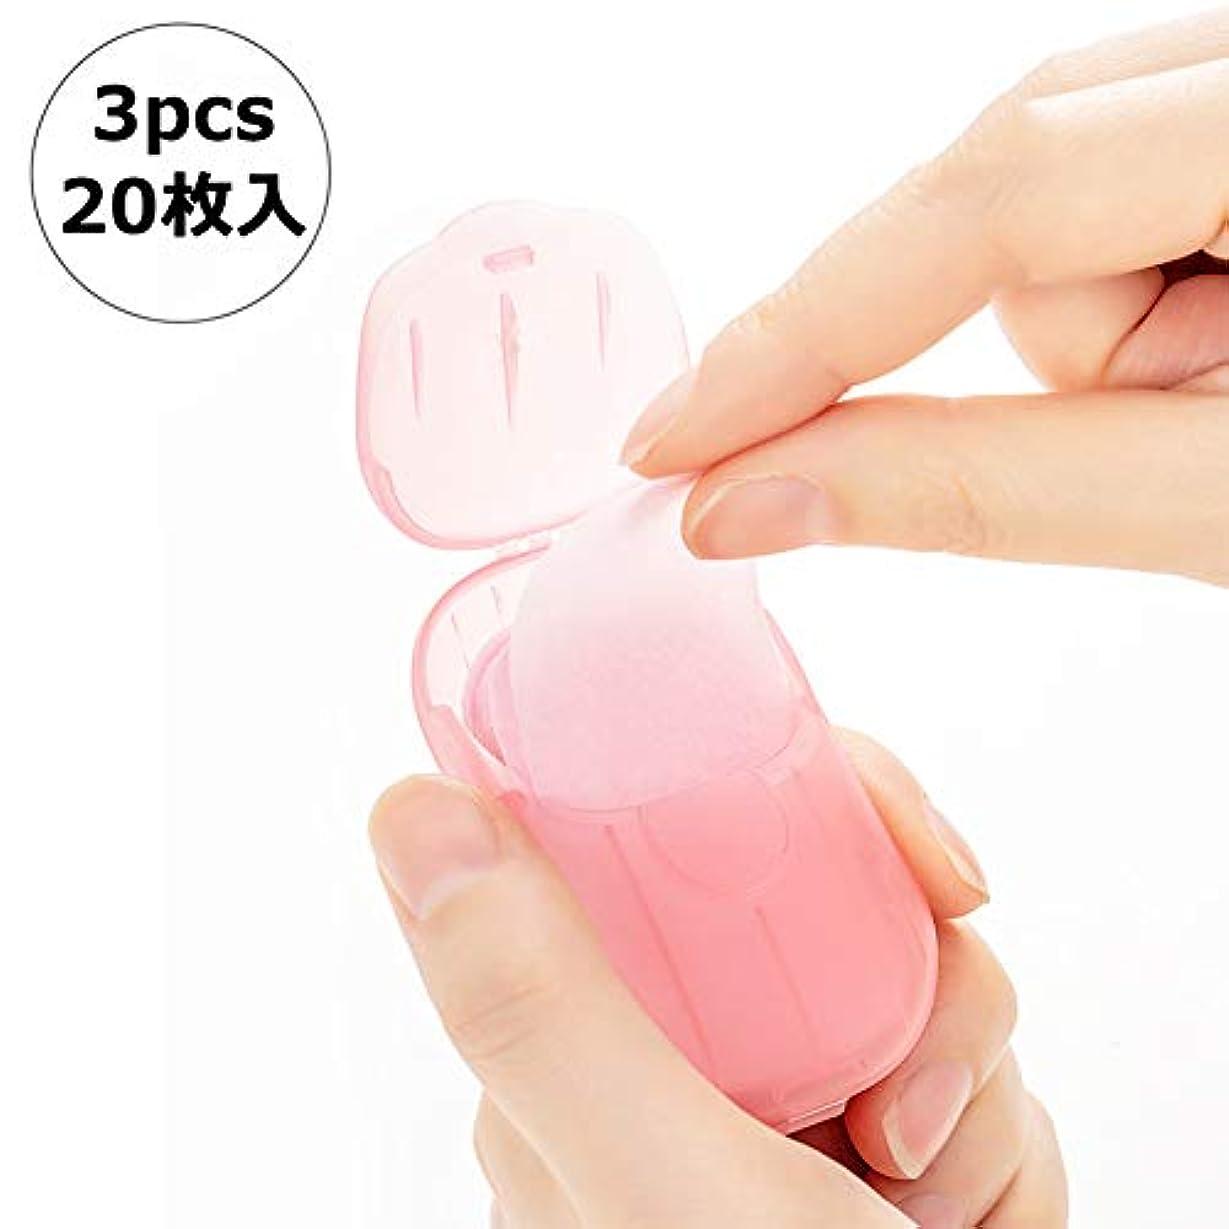 従者トレード小間NITIUMI ペーパーソープ 除菌 香り 石鹸 手洗い/お風呂 旅行携帯用 紙せっけん 20枚入 ケース付き カラーランダム (3個セット)